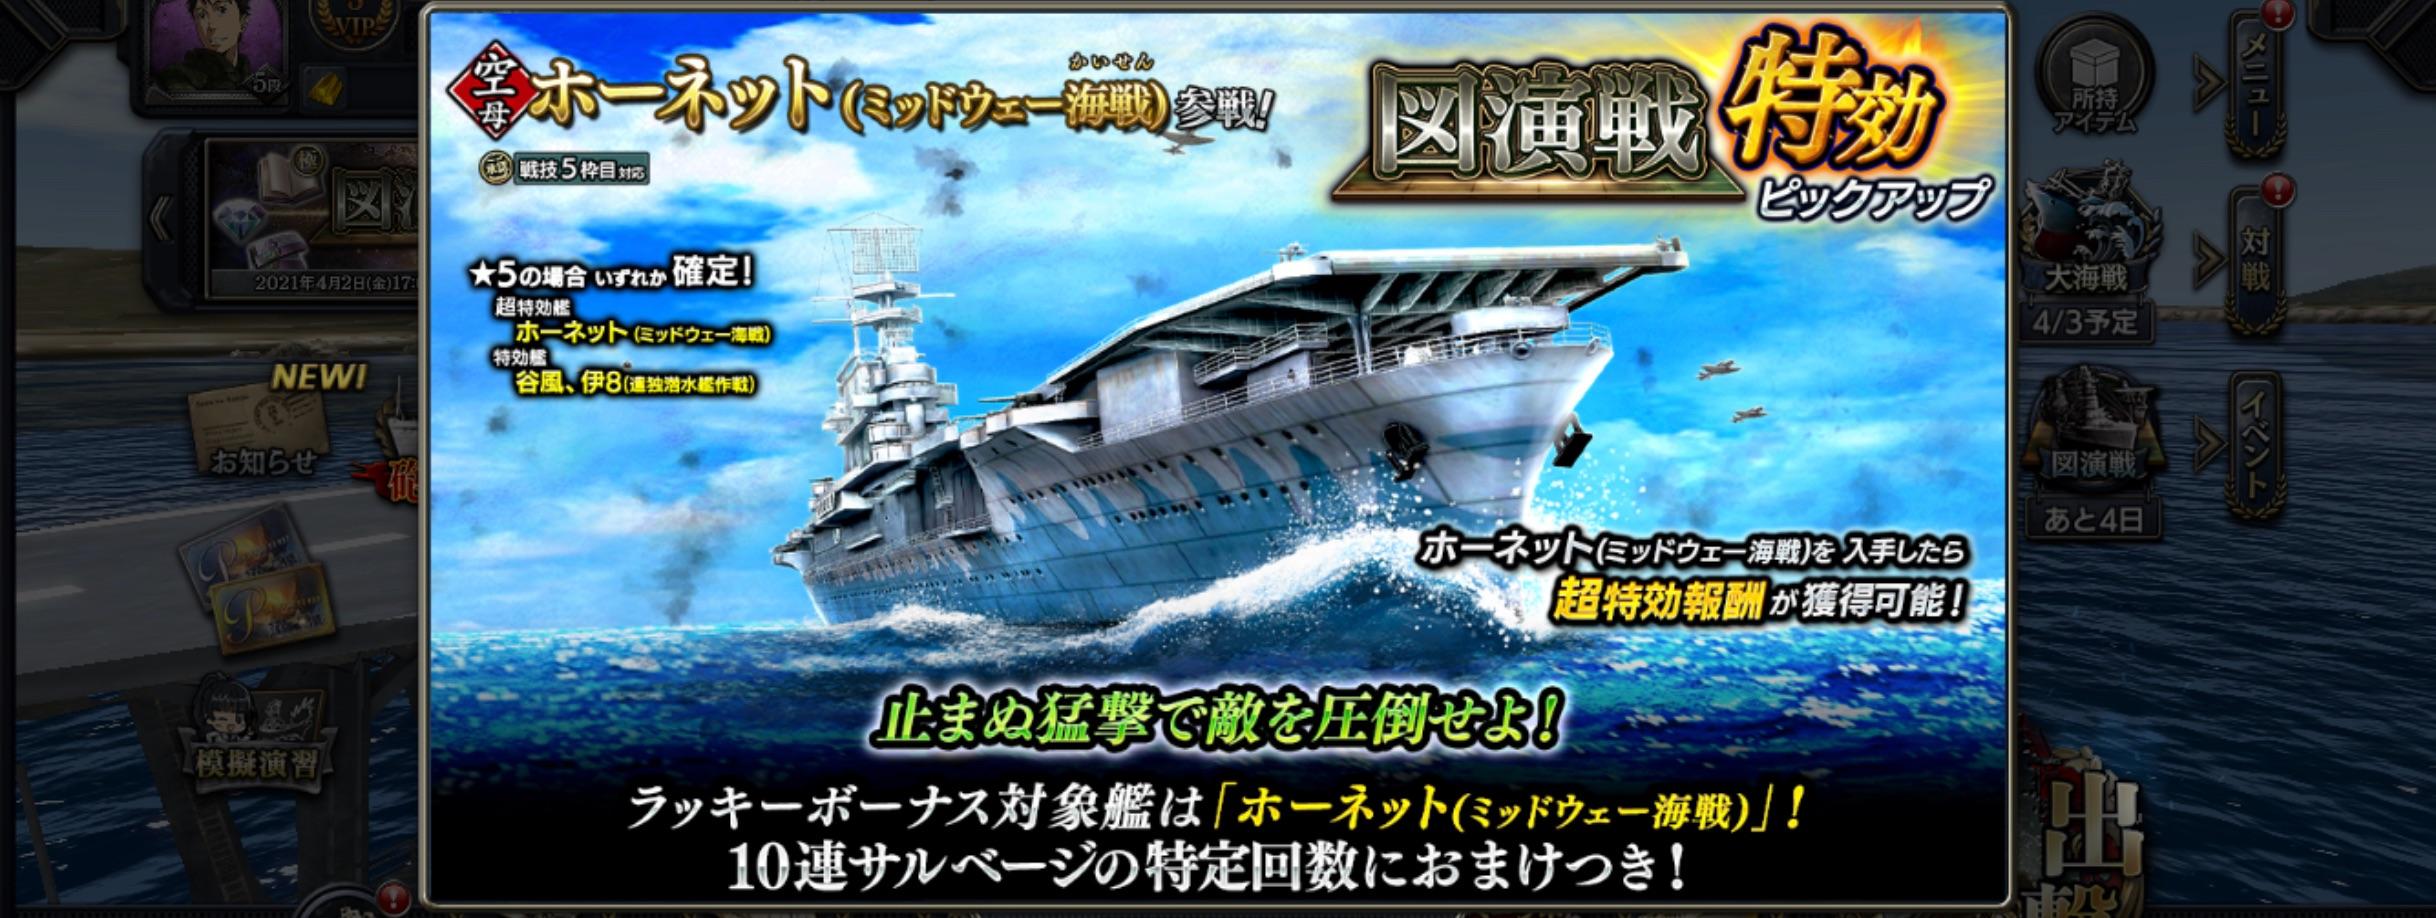 aircraft-carrier:HornetM